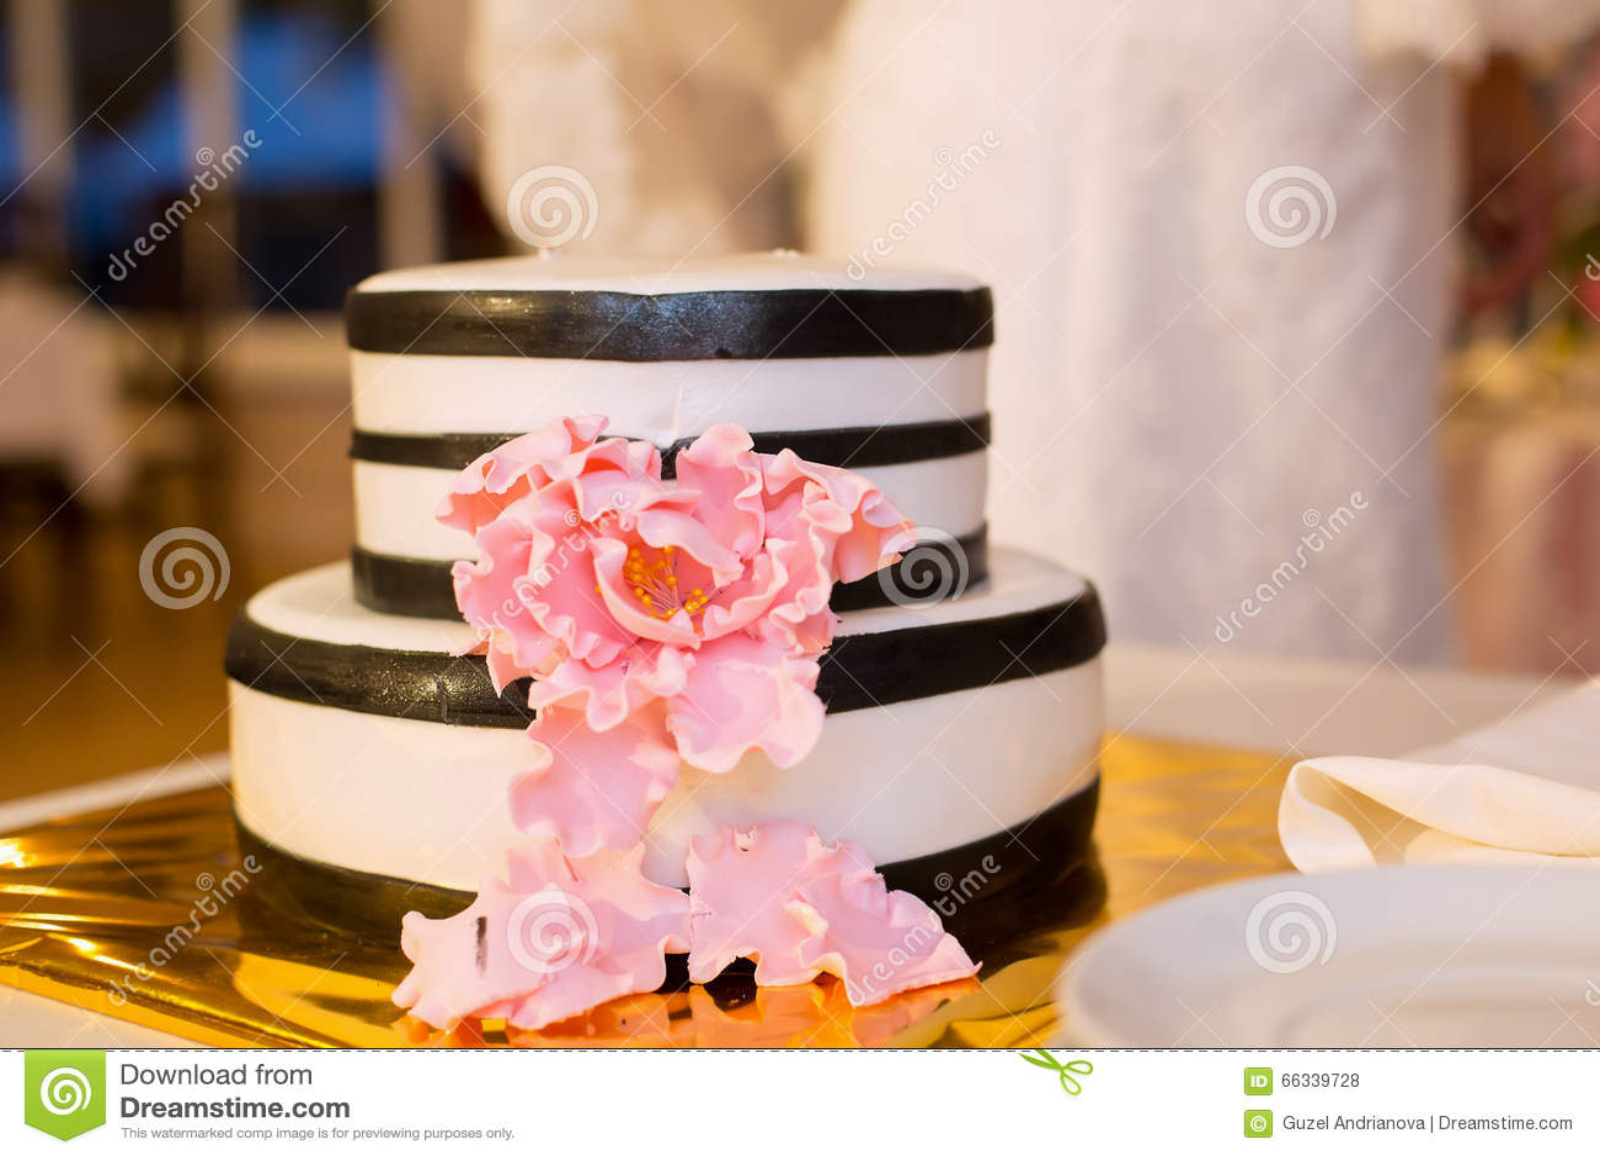 Gestreifte Hochzeitstorte und rosa Blume